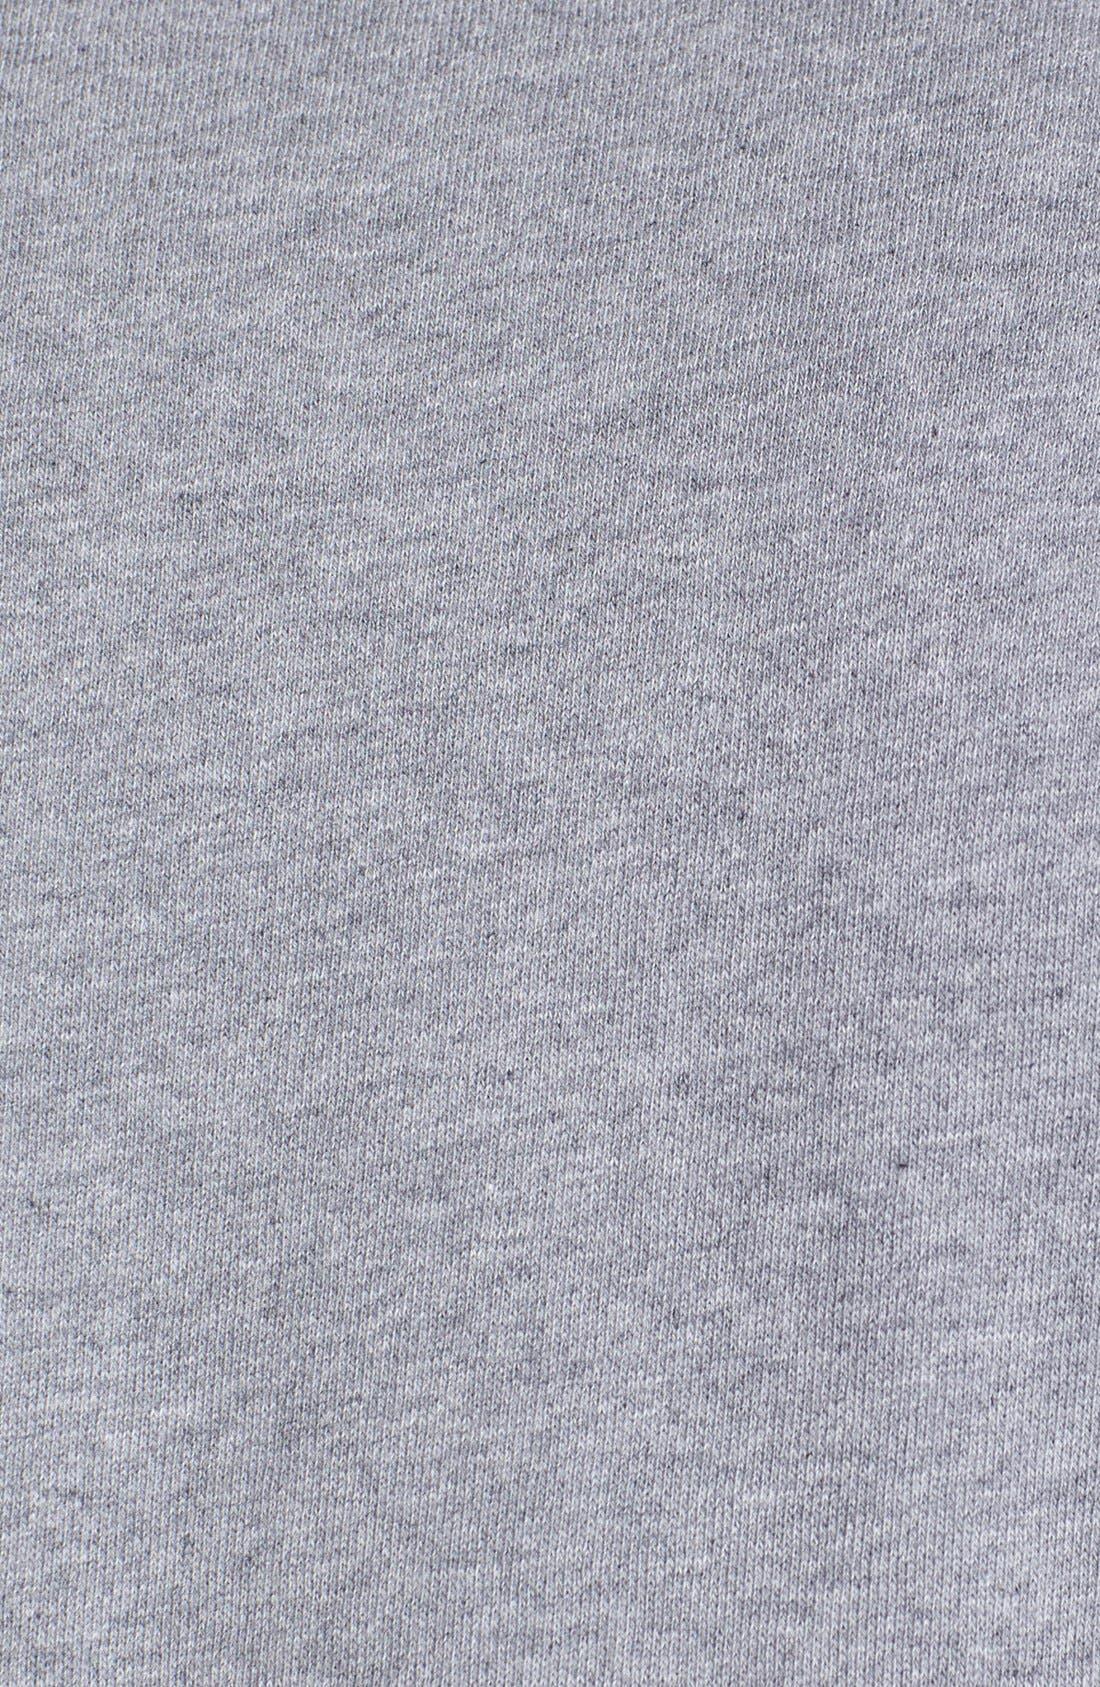 Alternate Image 3  - Mitchell & Ness 'Green Bay Packers' Sweatshirt